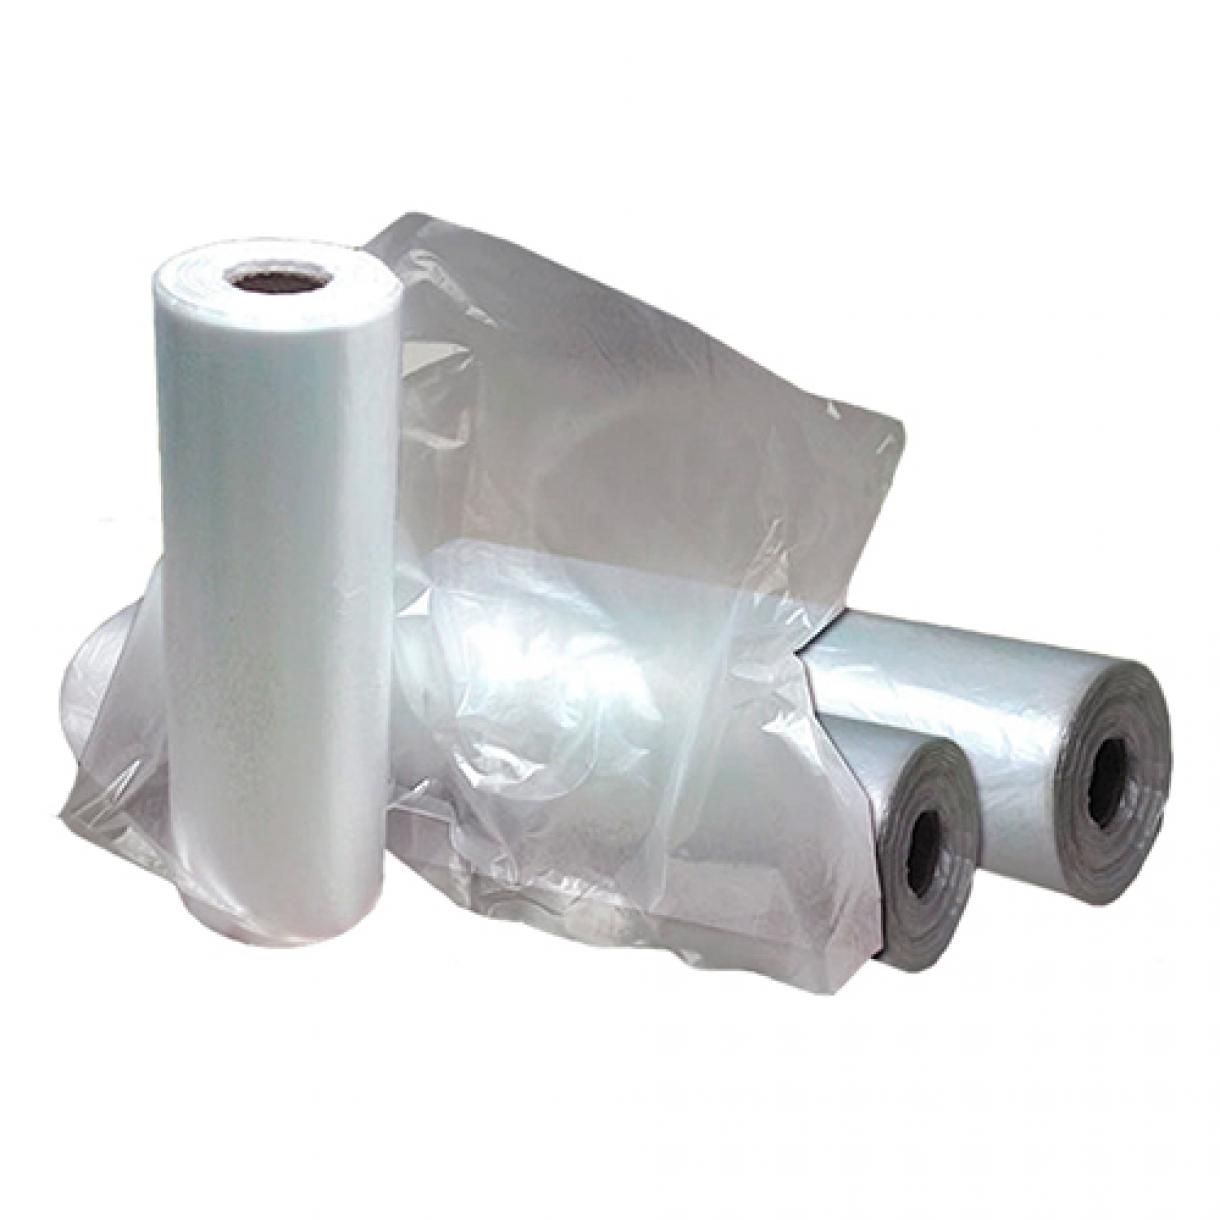 پلاستیک فریزر رولی 250عددی